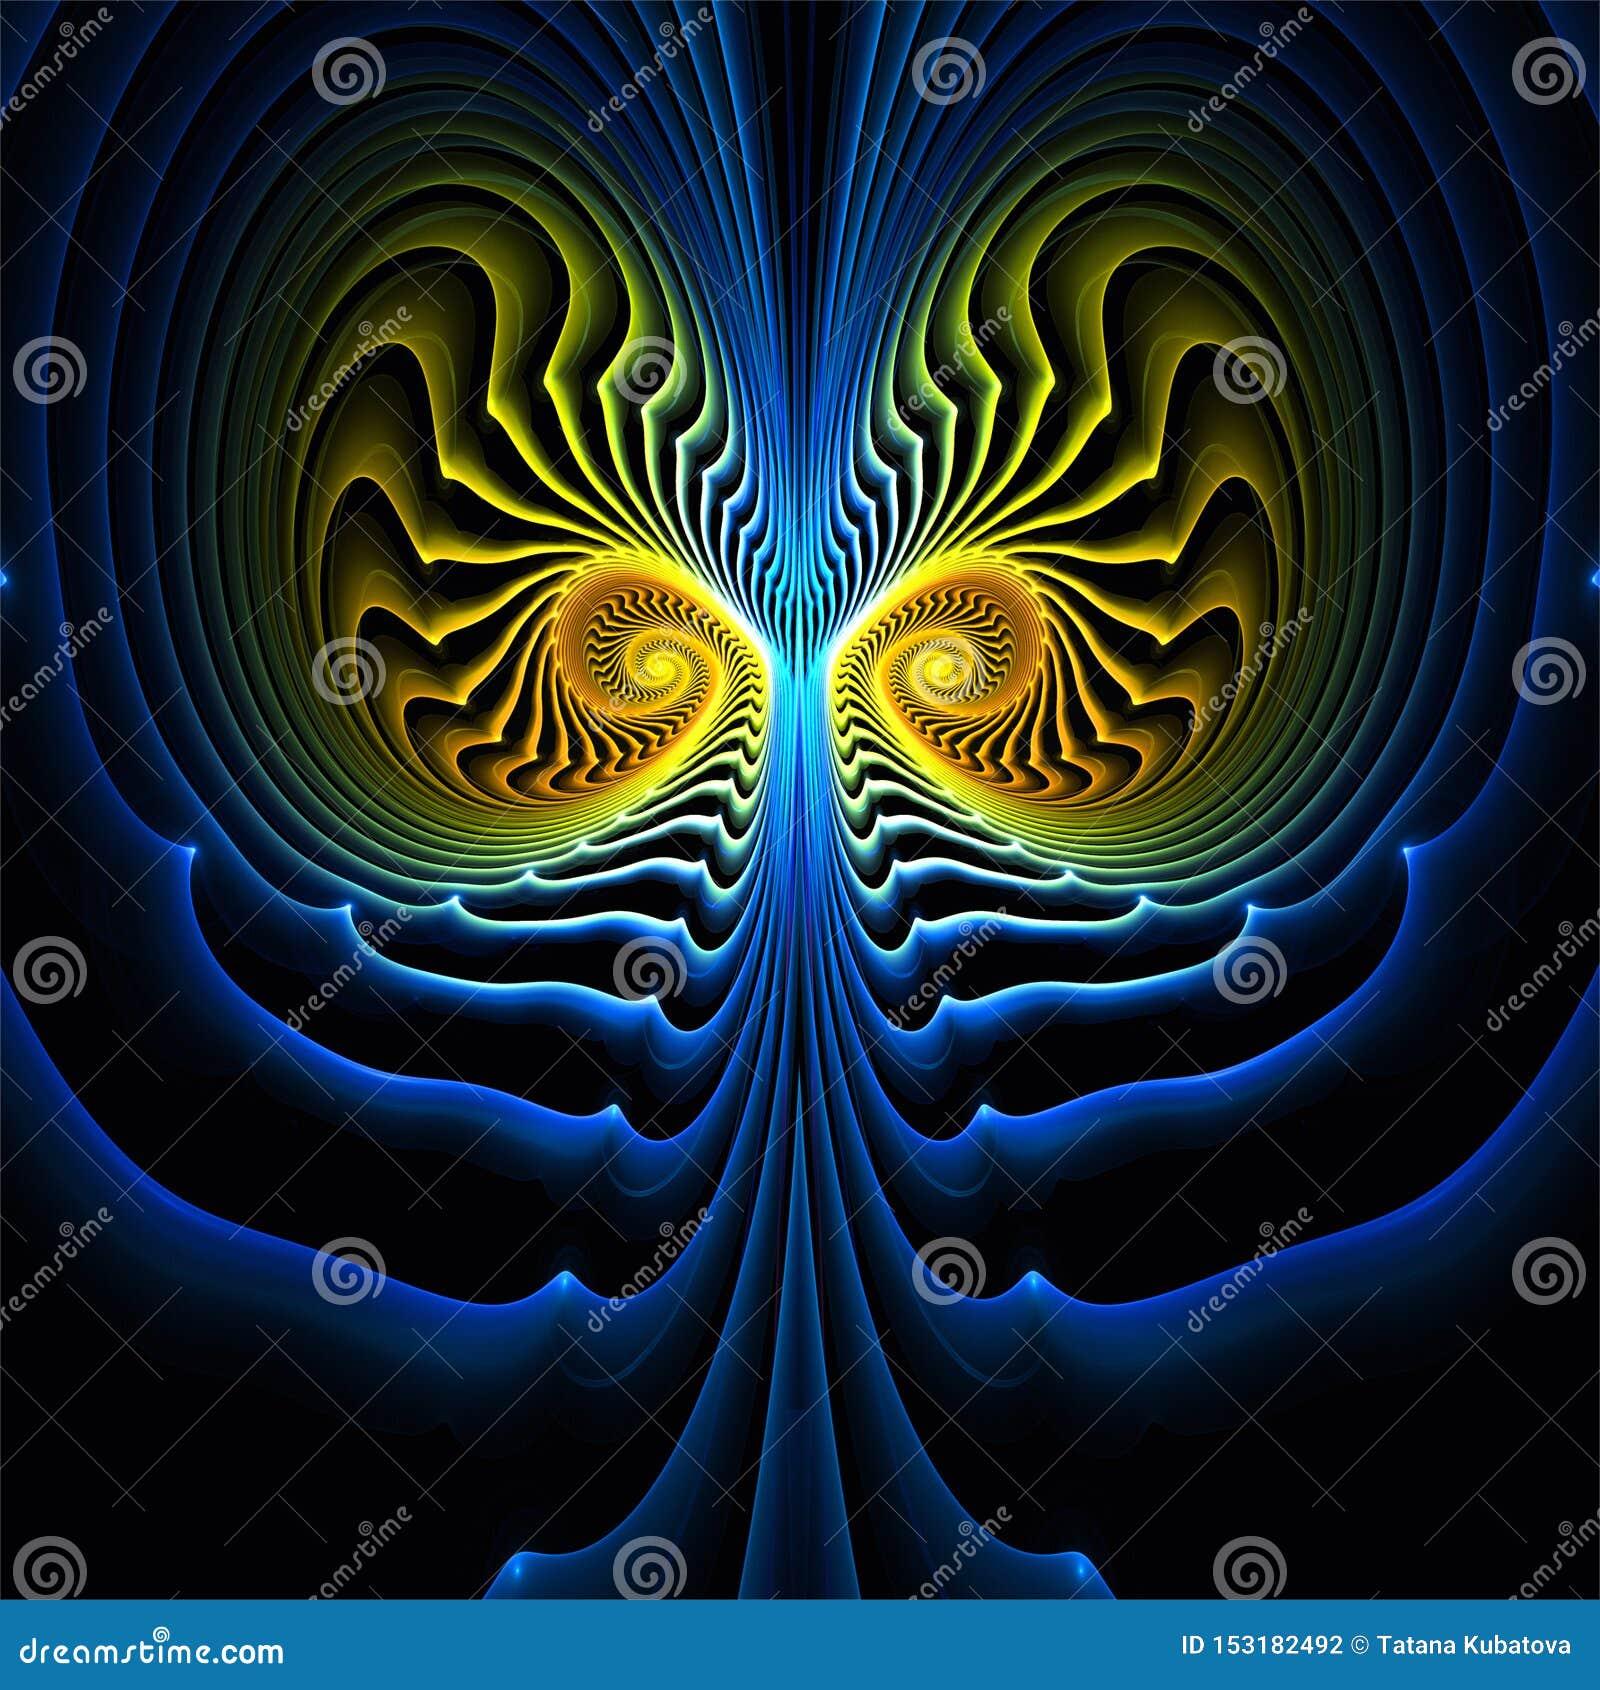 De abstracte fractal symmetrie van de kunst gele en blauwe fantasie